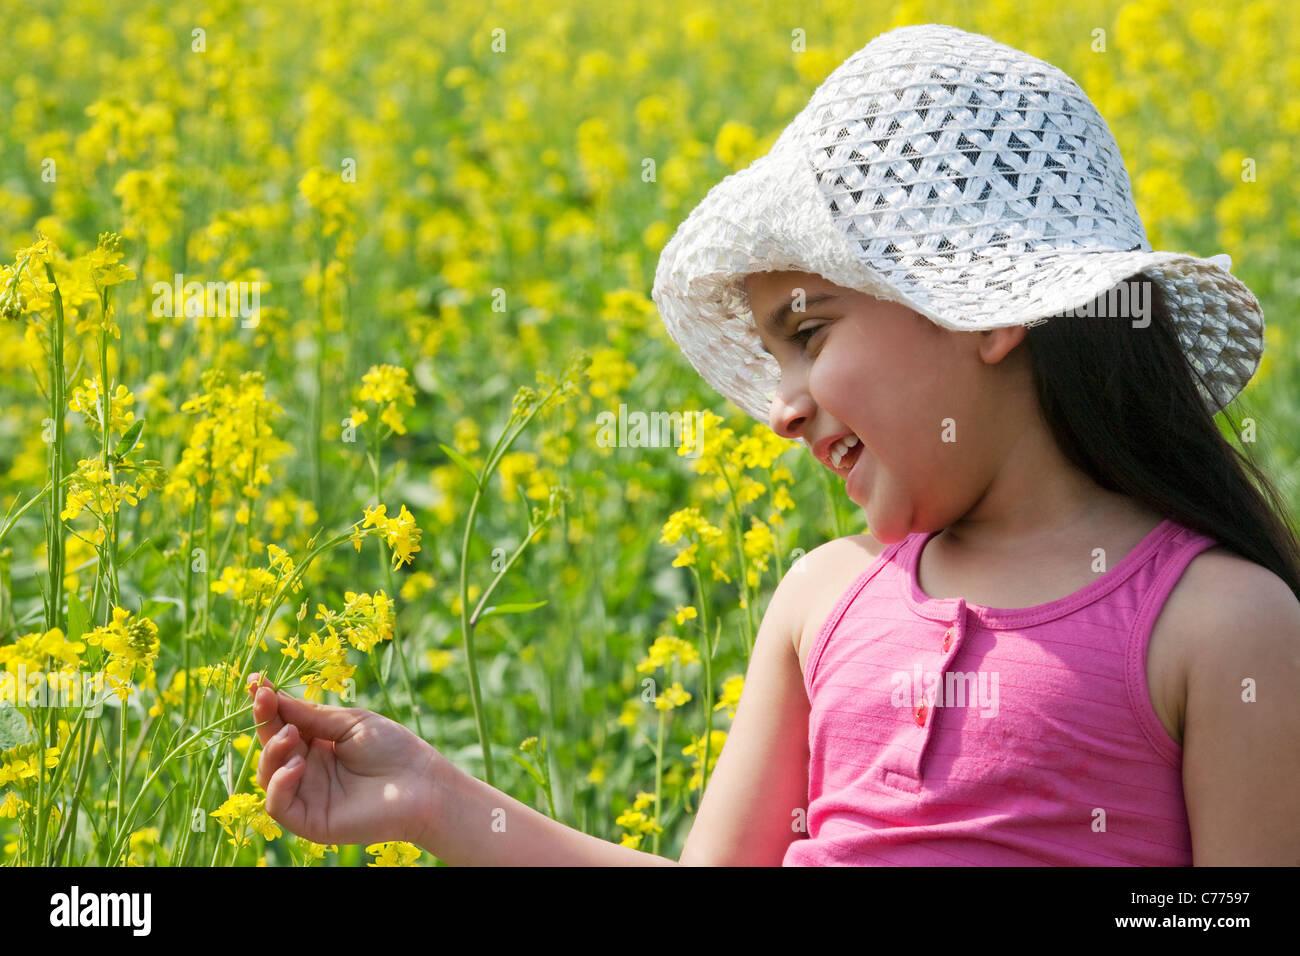 Ragazza giovane guardando i fiori Immagini Stock